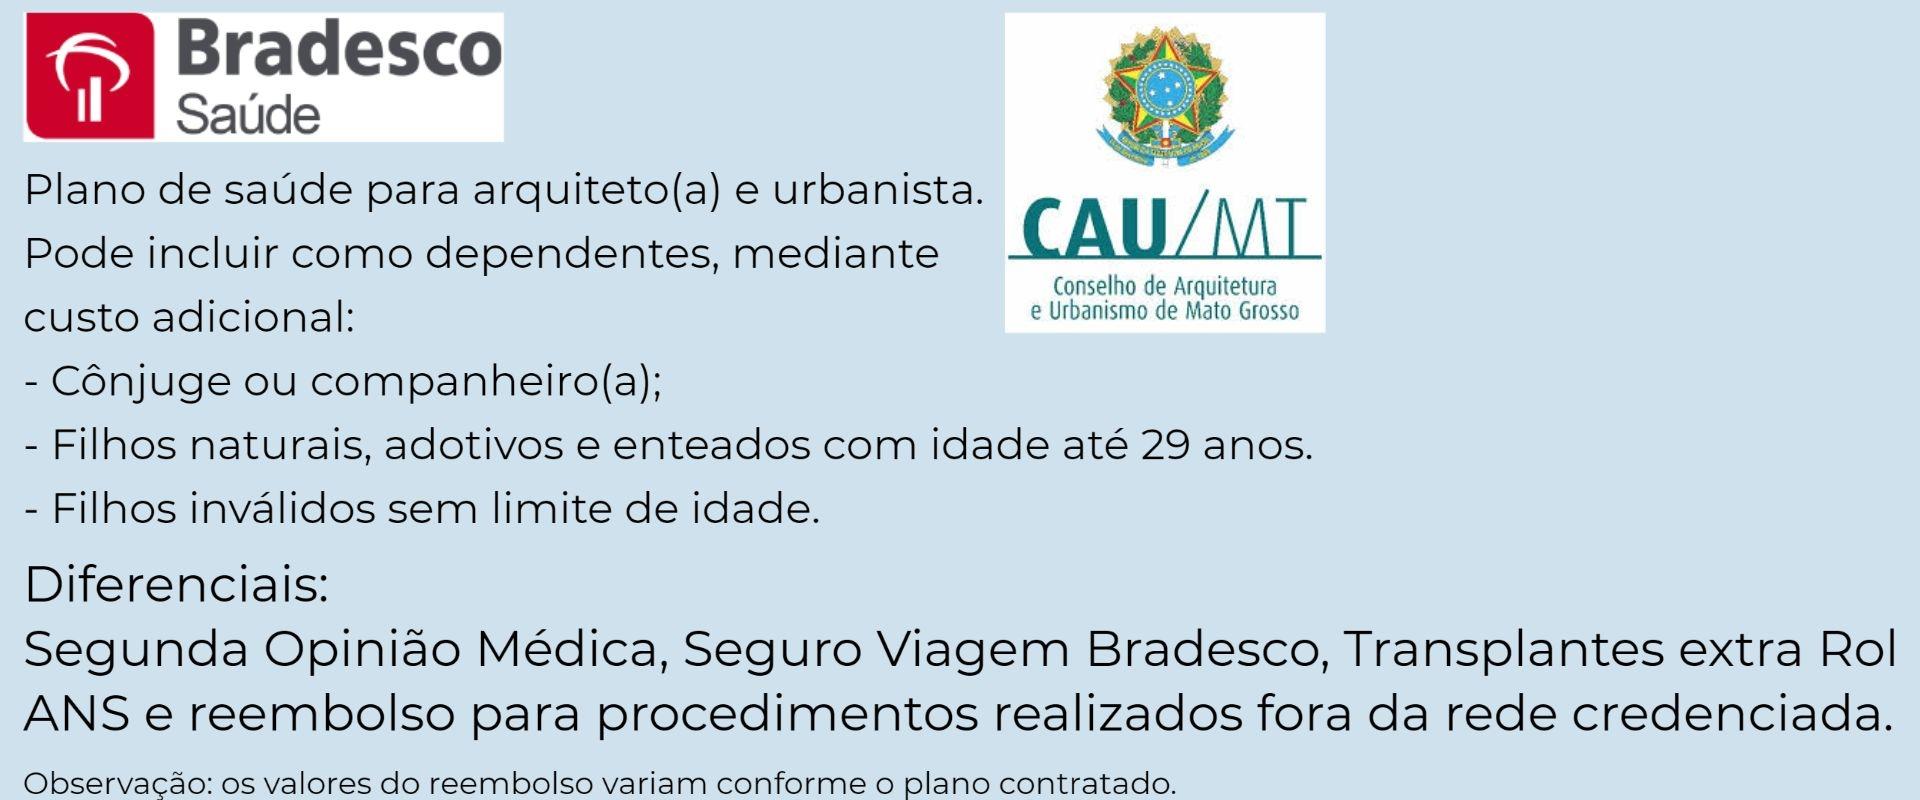 Bradesco Saúde CAU-MT